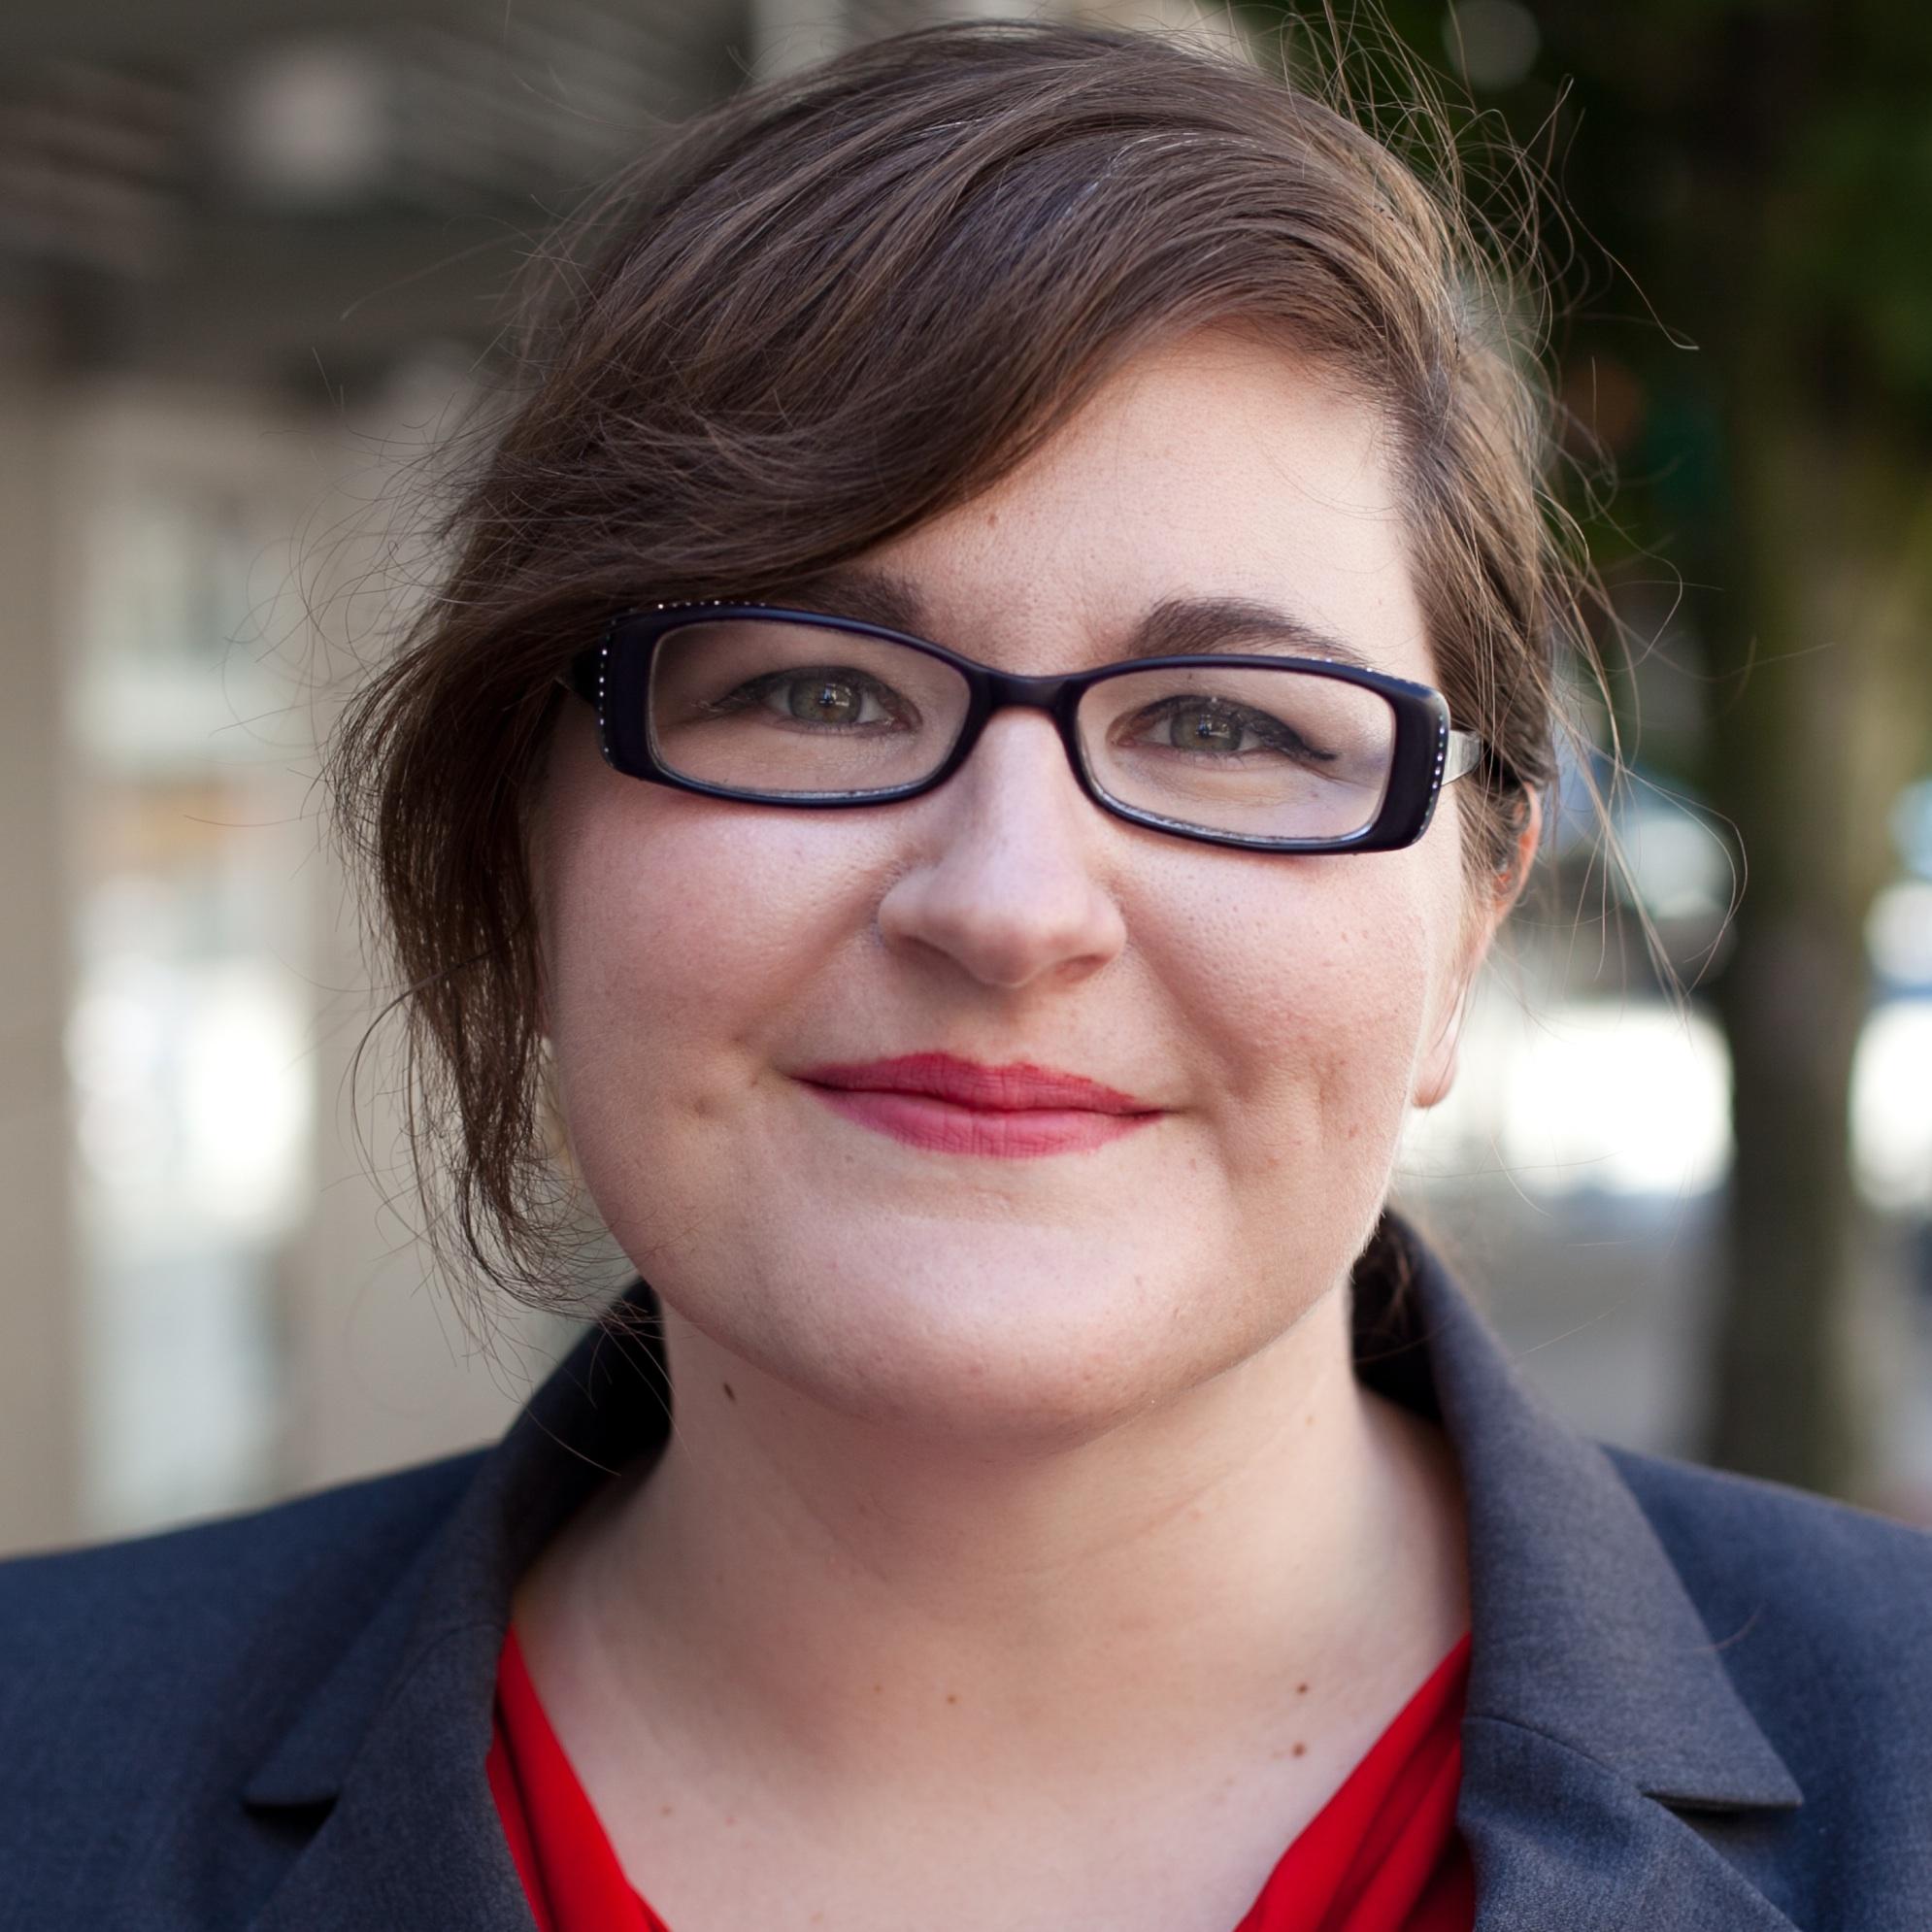 Melanie Voytovich